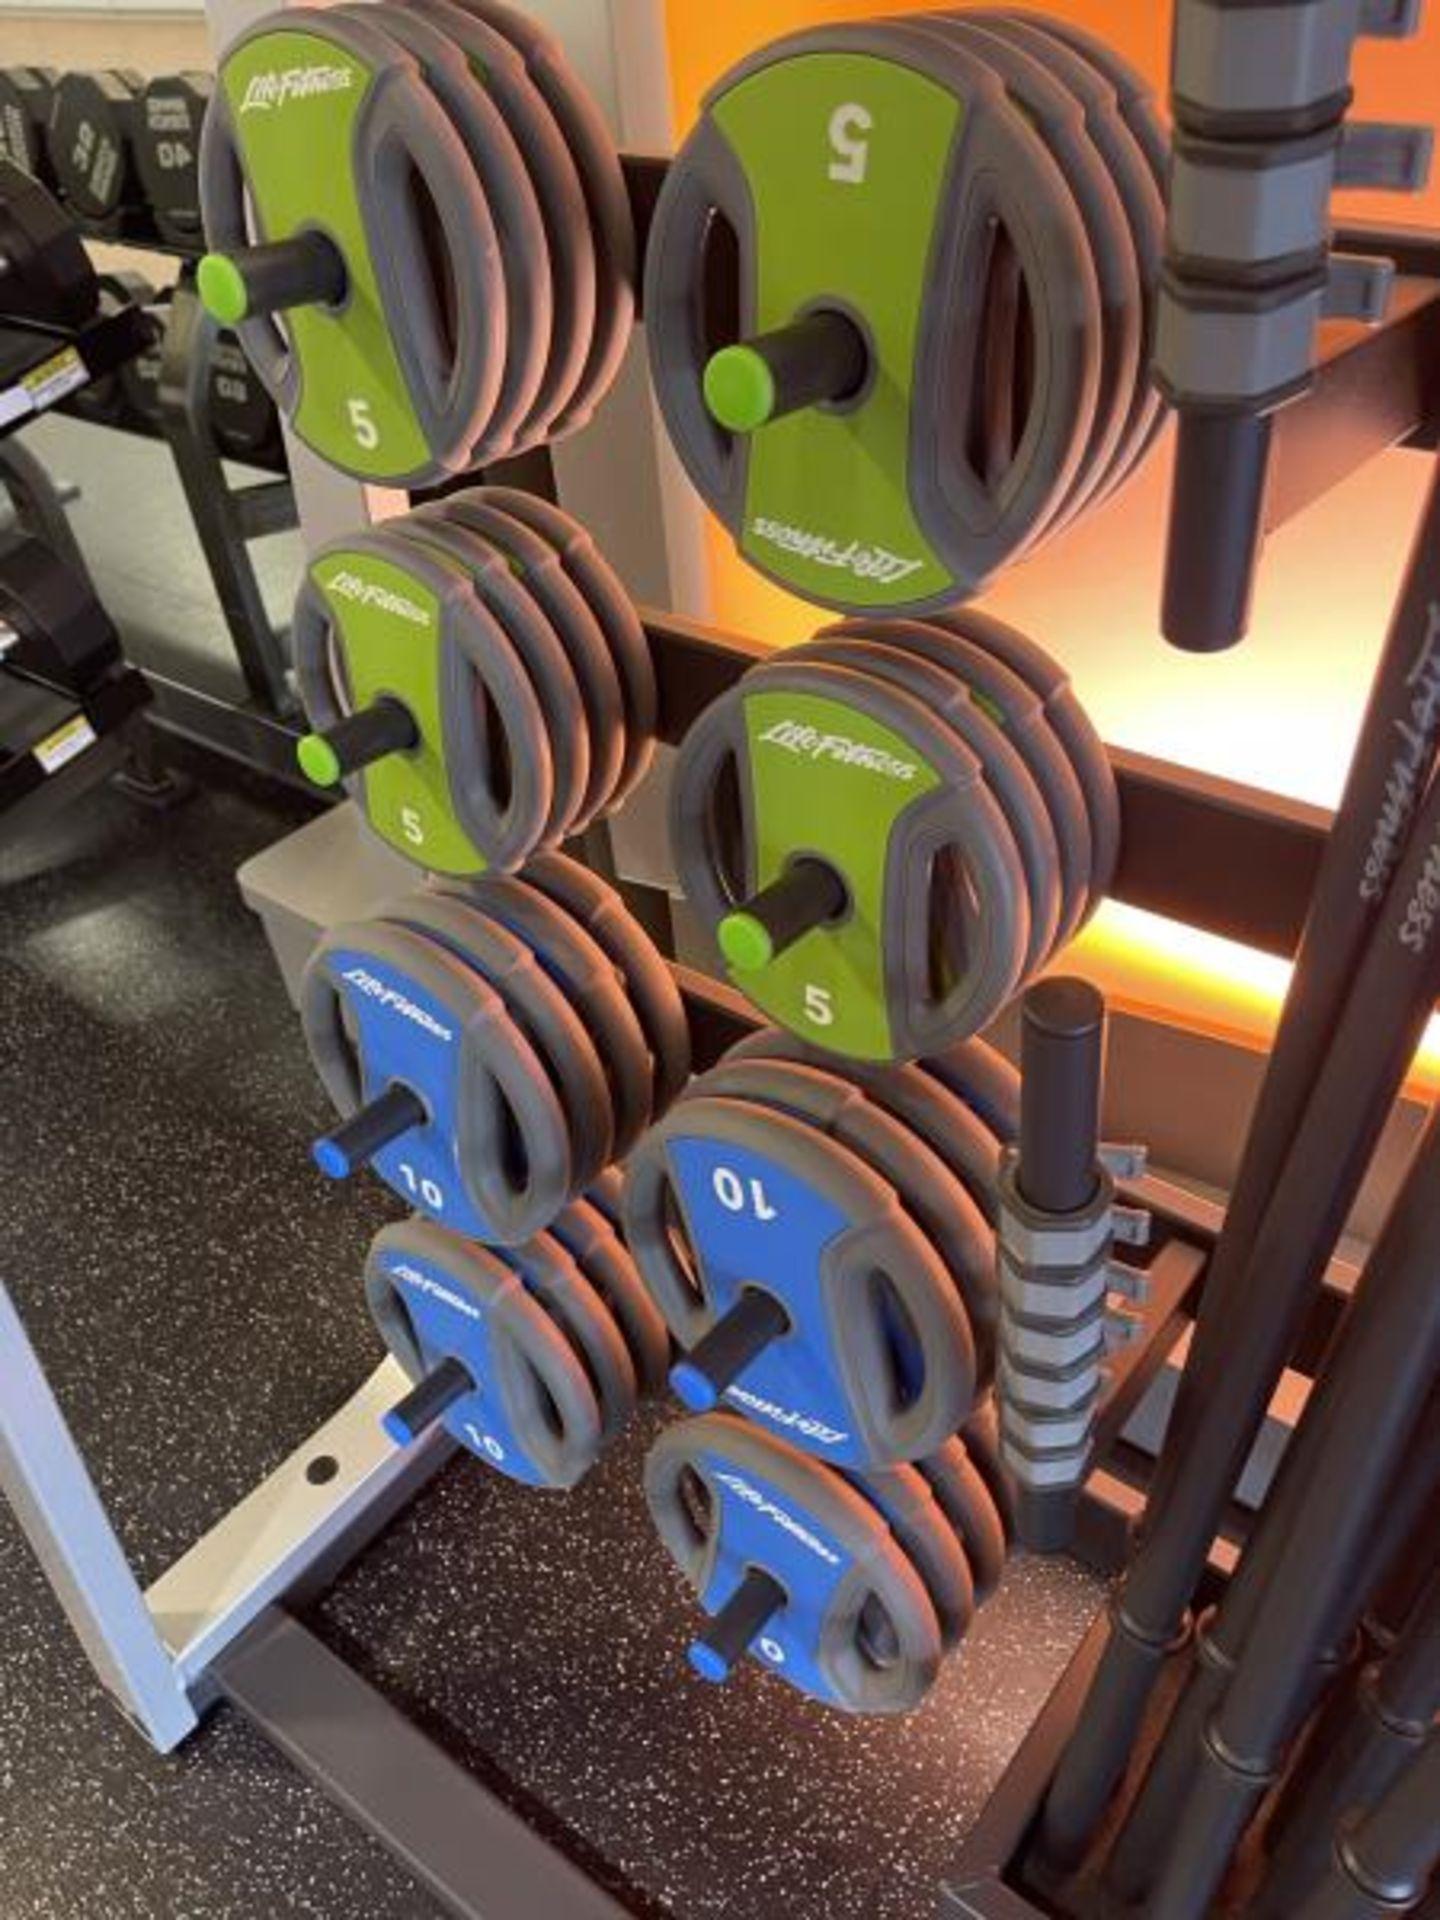 Life Fitness Studio Barbell Pack Urethane 2.5#, 5#, 10#, 13 Bars, Rack Model GBB - Image 9 of 9